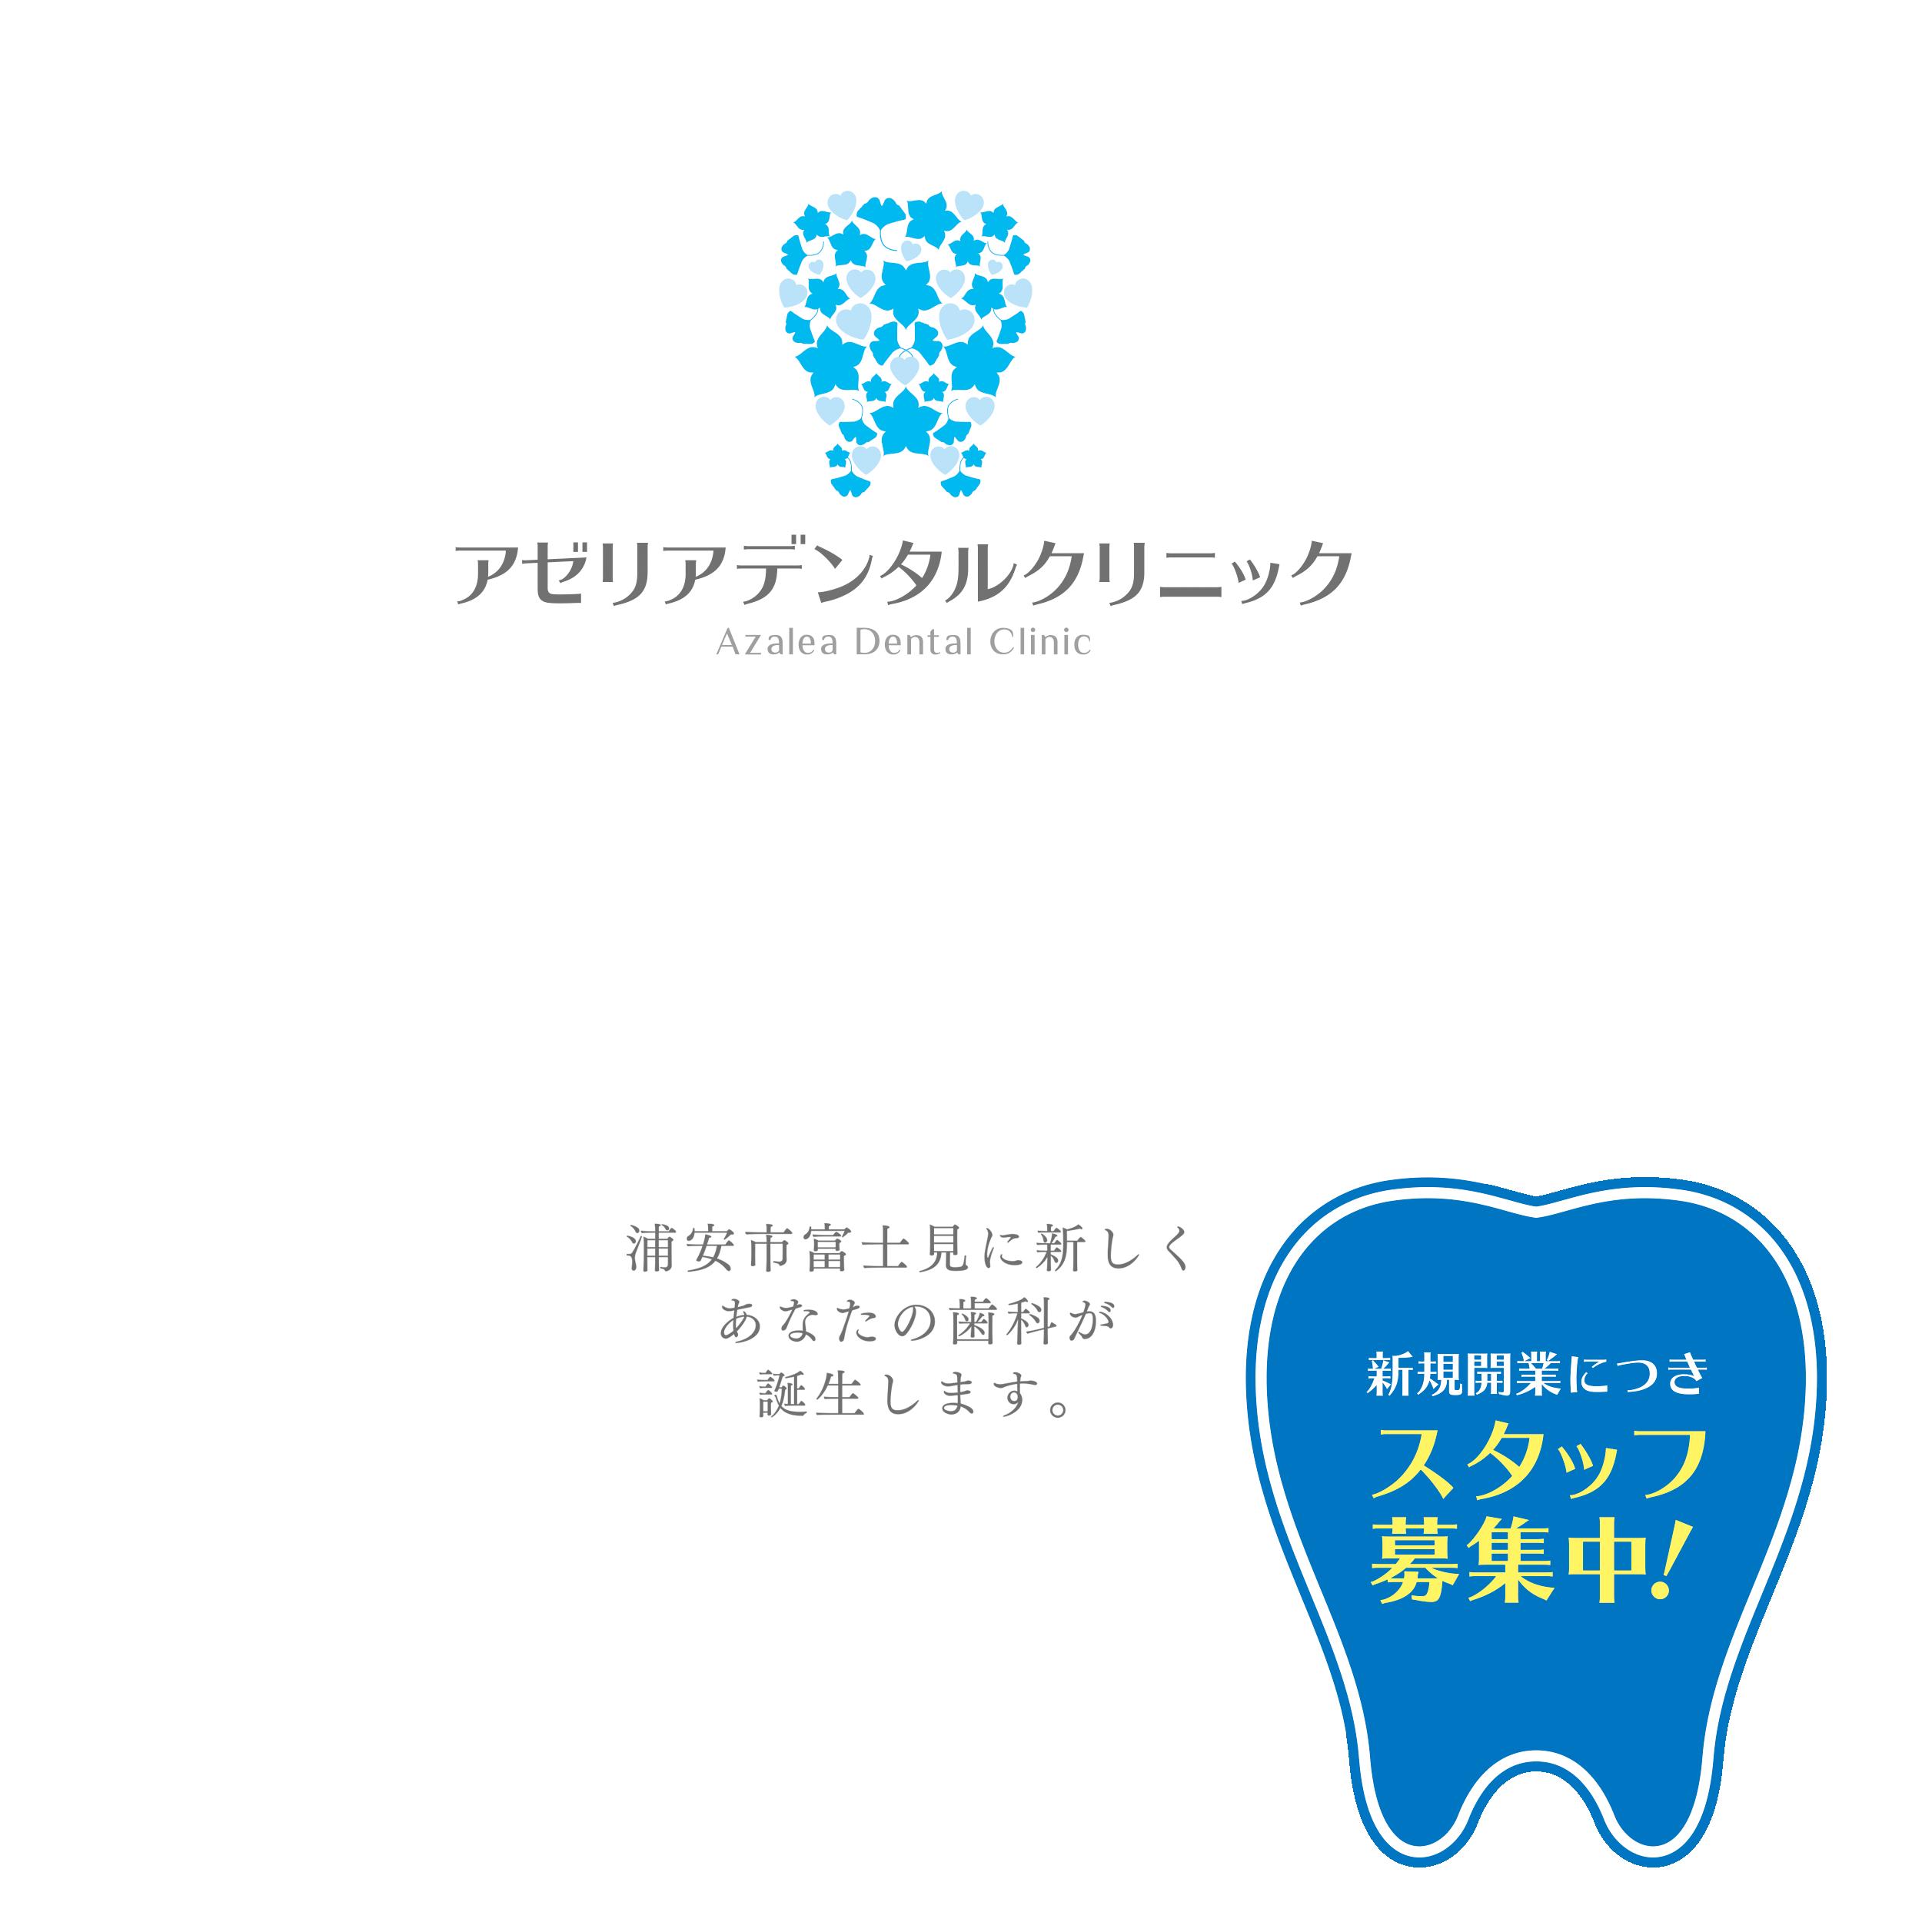 アゼリアデンタルクリニック,Azalea Dental Clinic,2018.2.START,Hello! URAYASU,浦安市富士見に新しく あなたの歯科が 誕生します。新規開業につきスタッフ募集中!